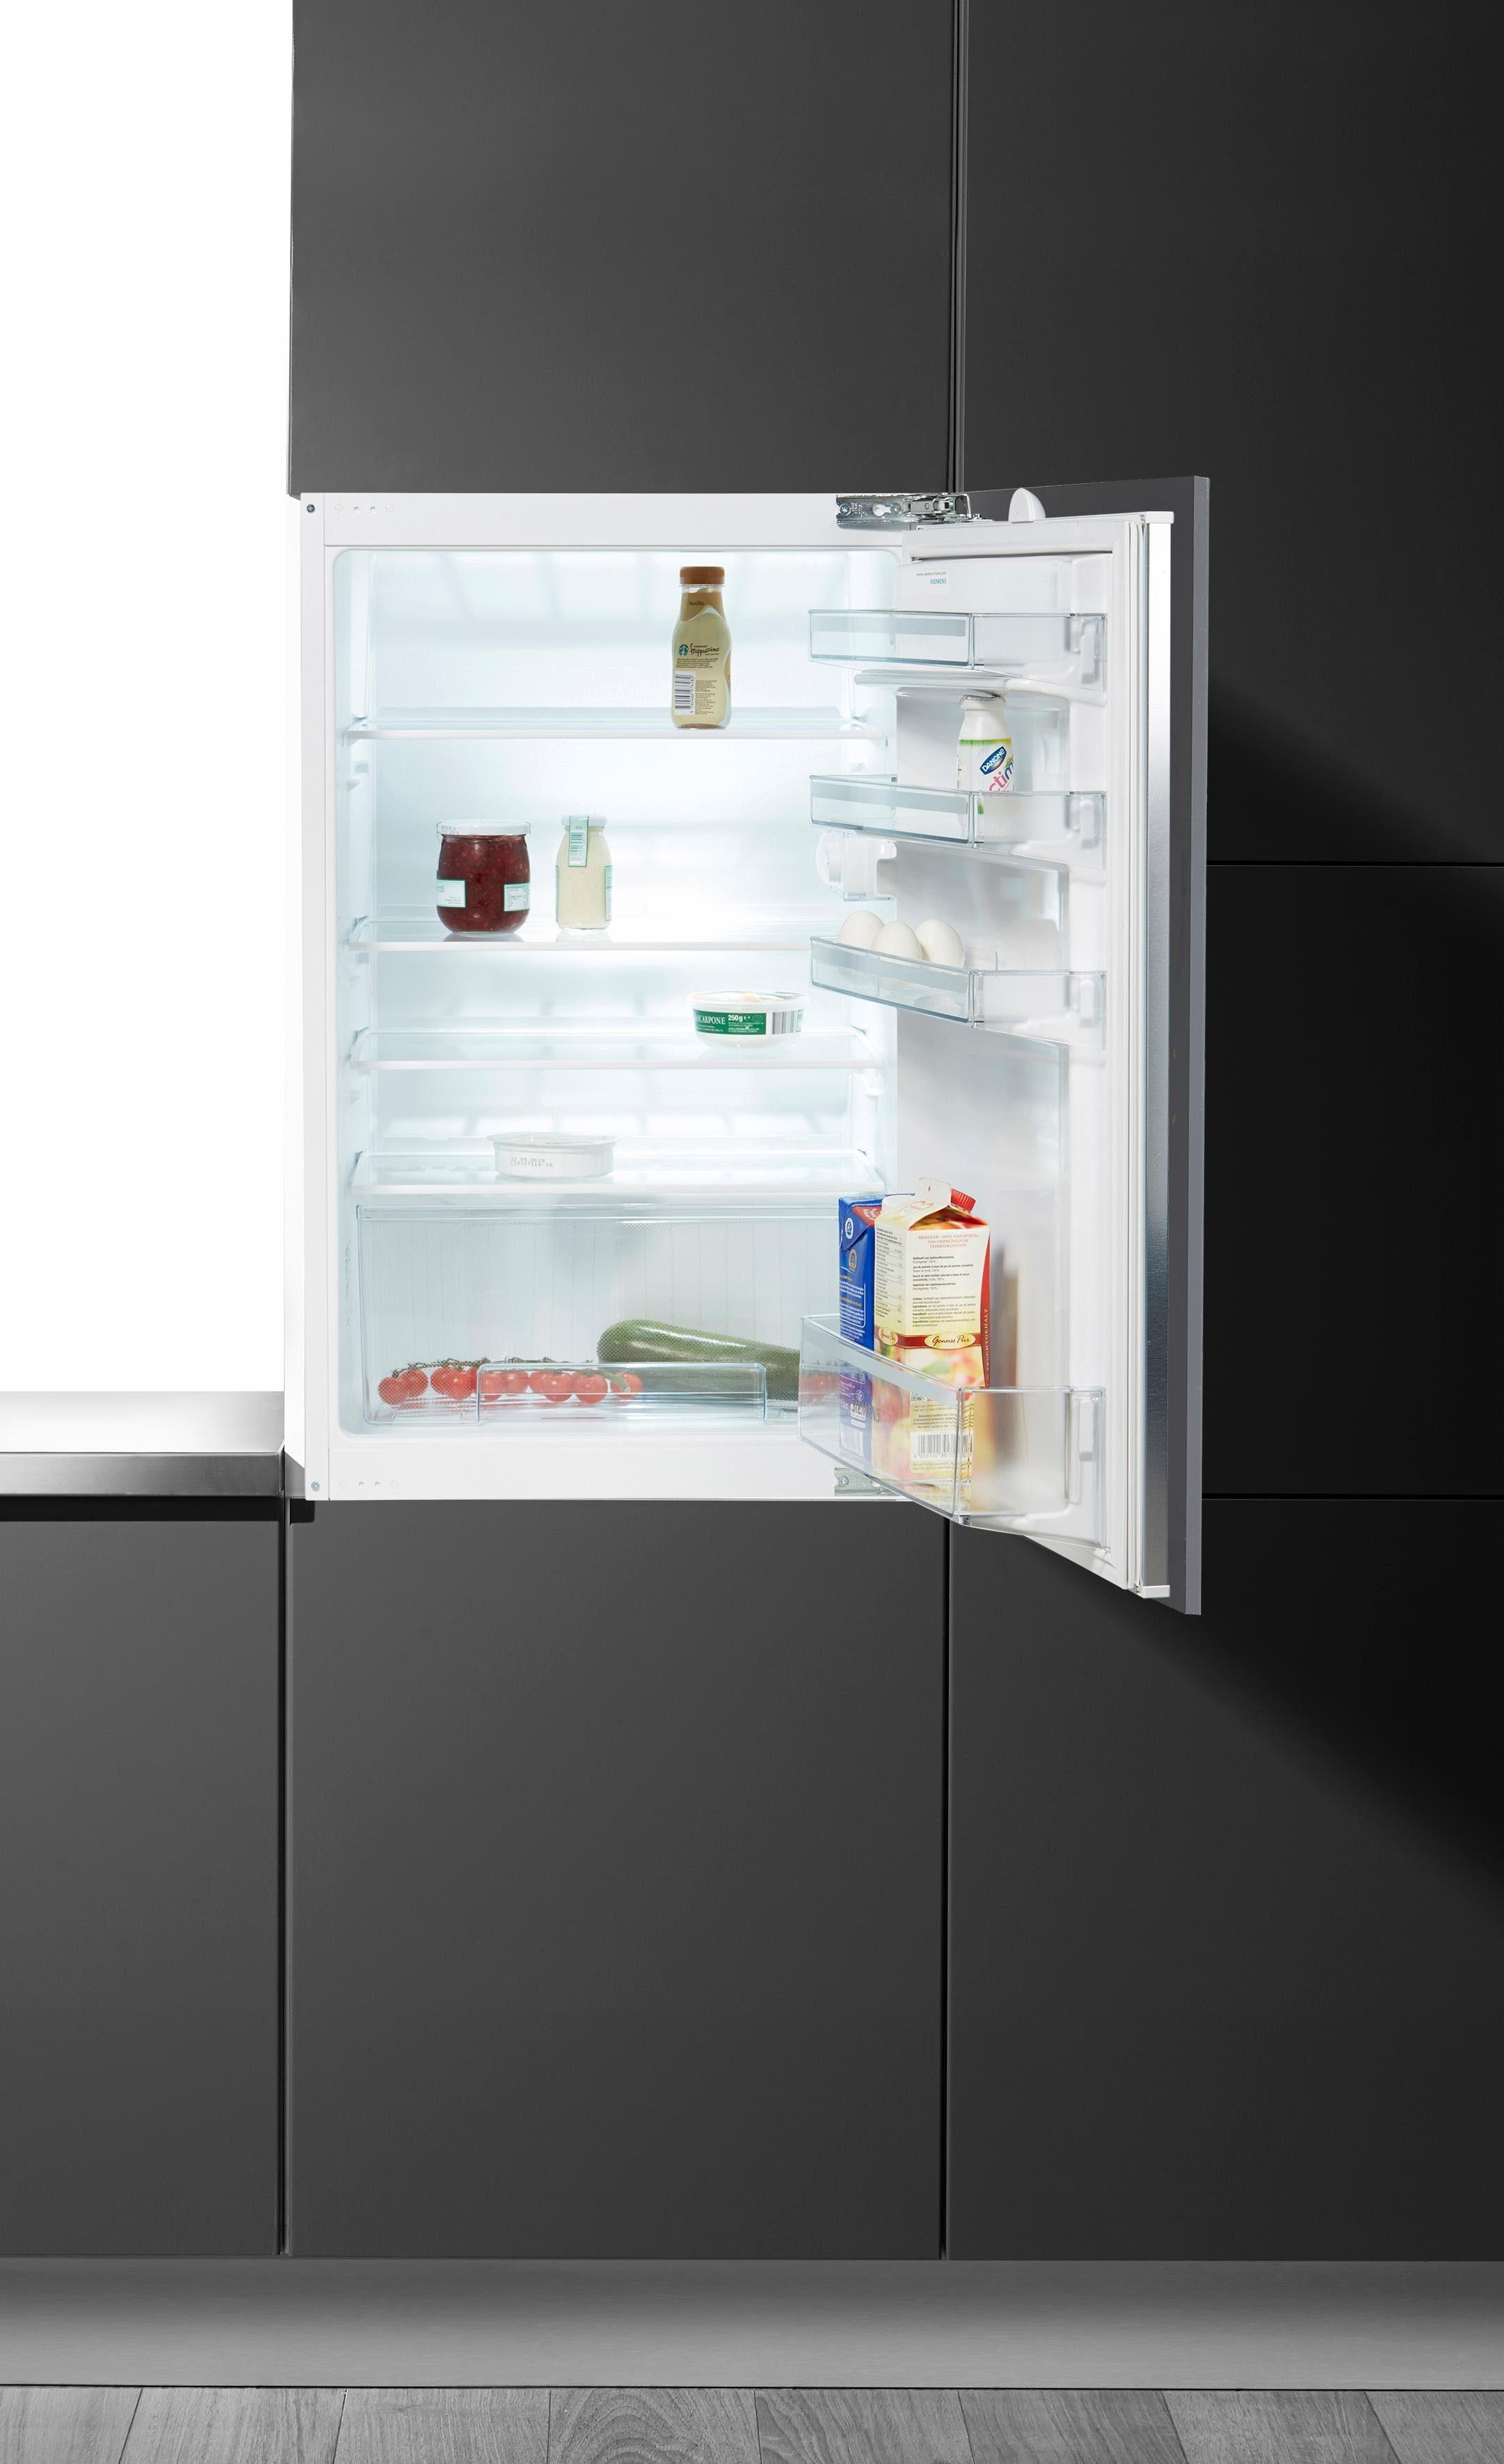 Siemens Integrierbarer Einbau-Kühlschrank KI18RV60, A++, 87,4 cm, für 88er Nische